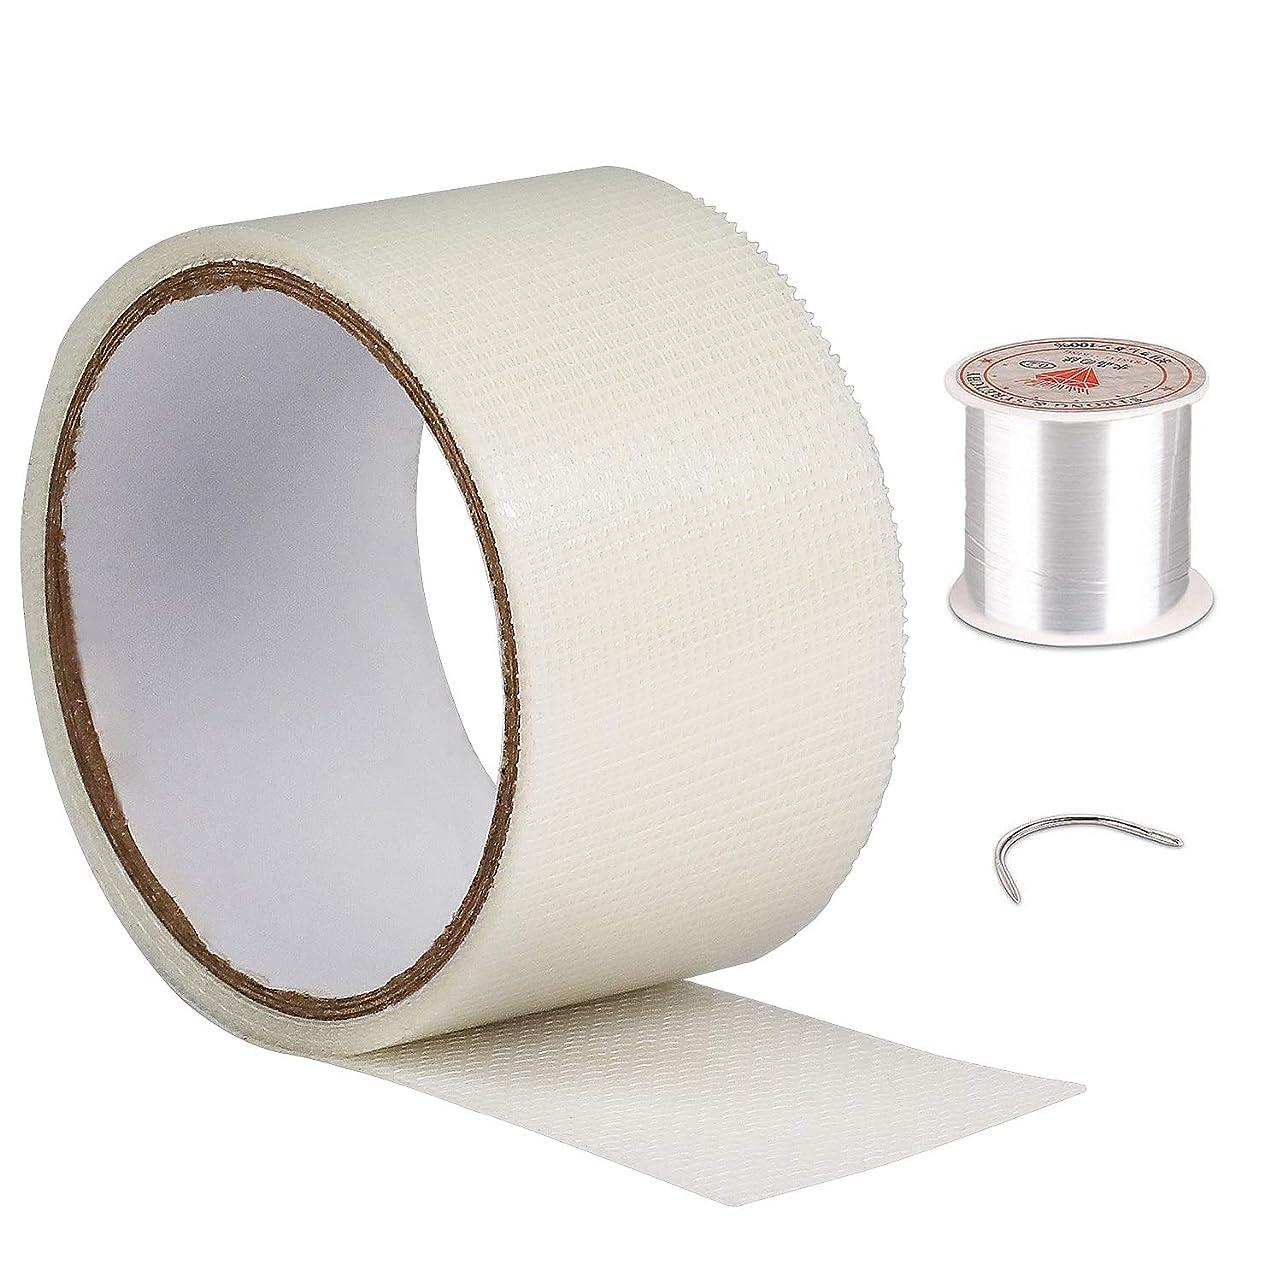 網戸 張り替え 網戸パッチ 網戸補修シート 網戸補修テープ ガラス繊維メッシュタイプテープ 防水 強粘着性 網戸の破れを張るだけで簡単補修 小さな虫を避け ホワイト(5 x 200cm)